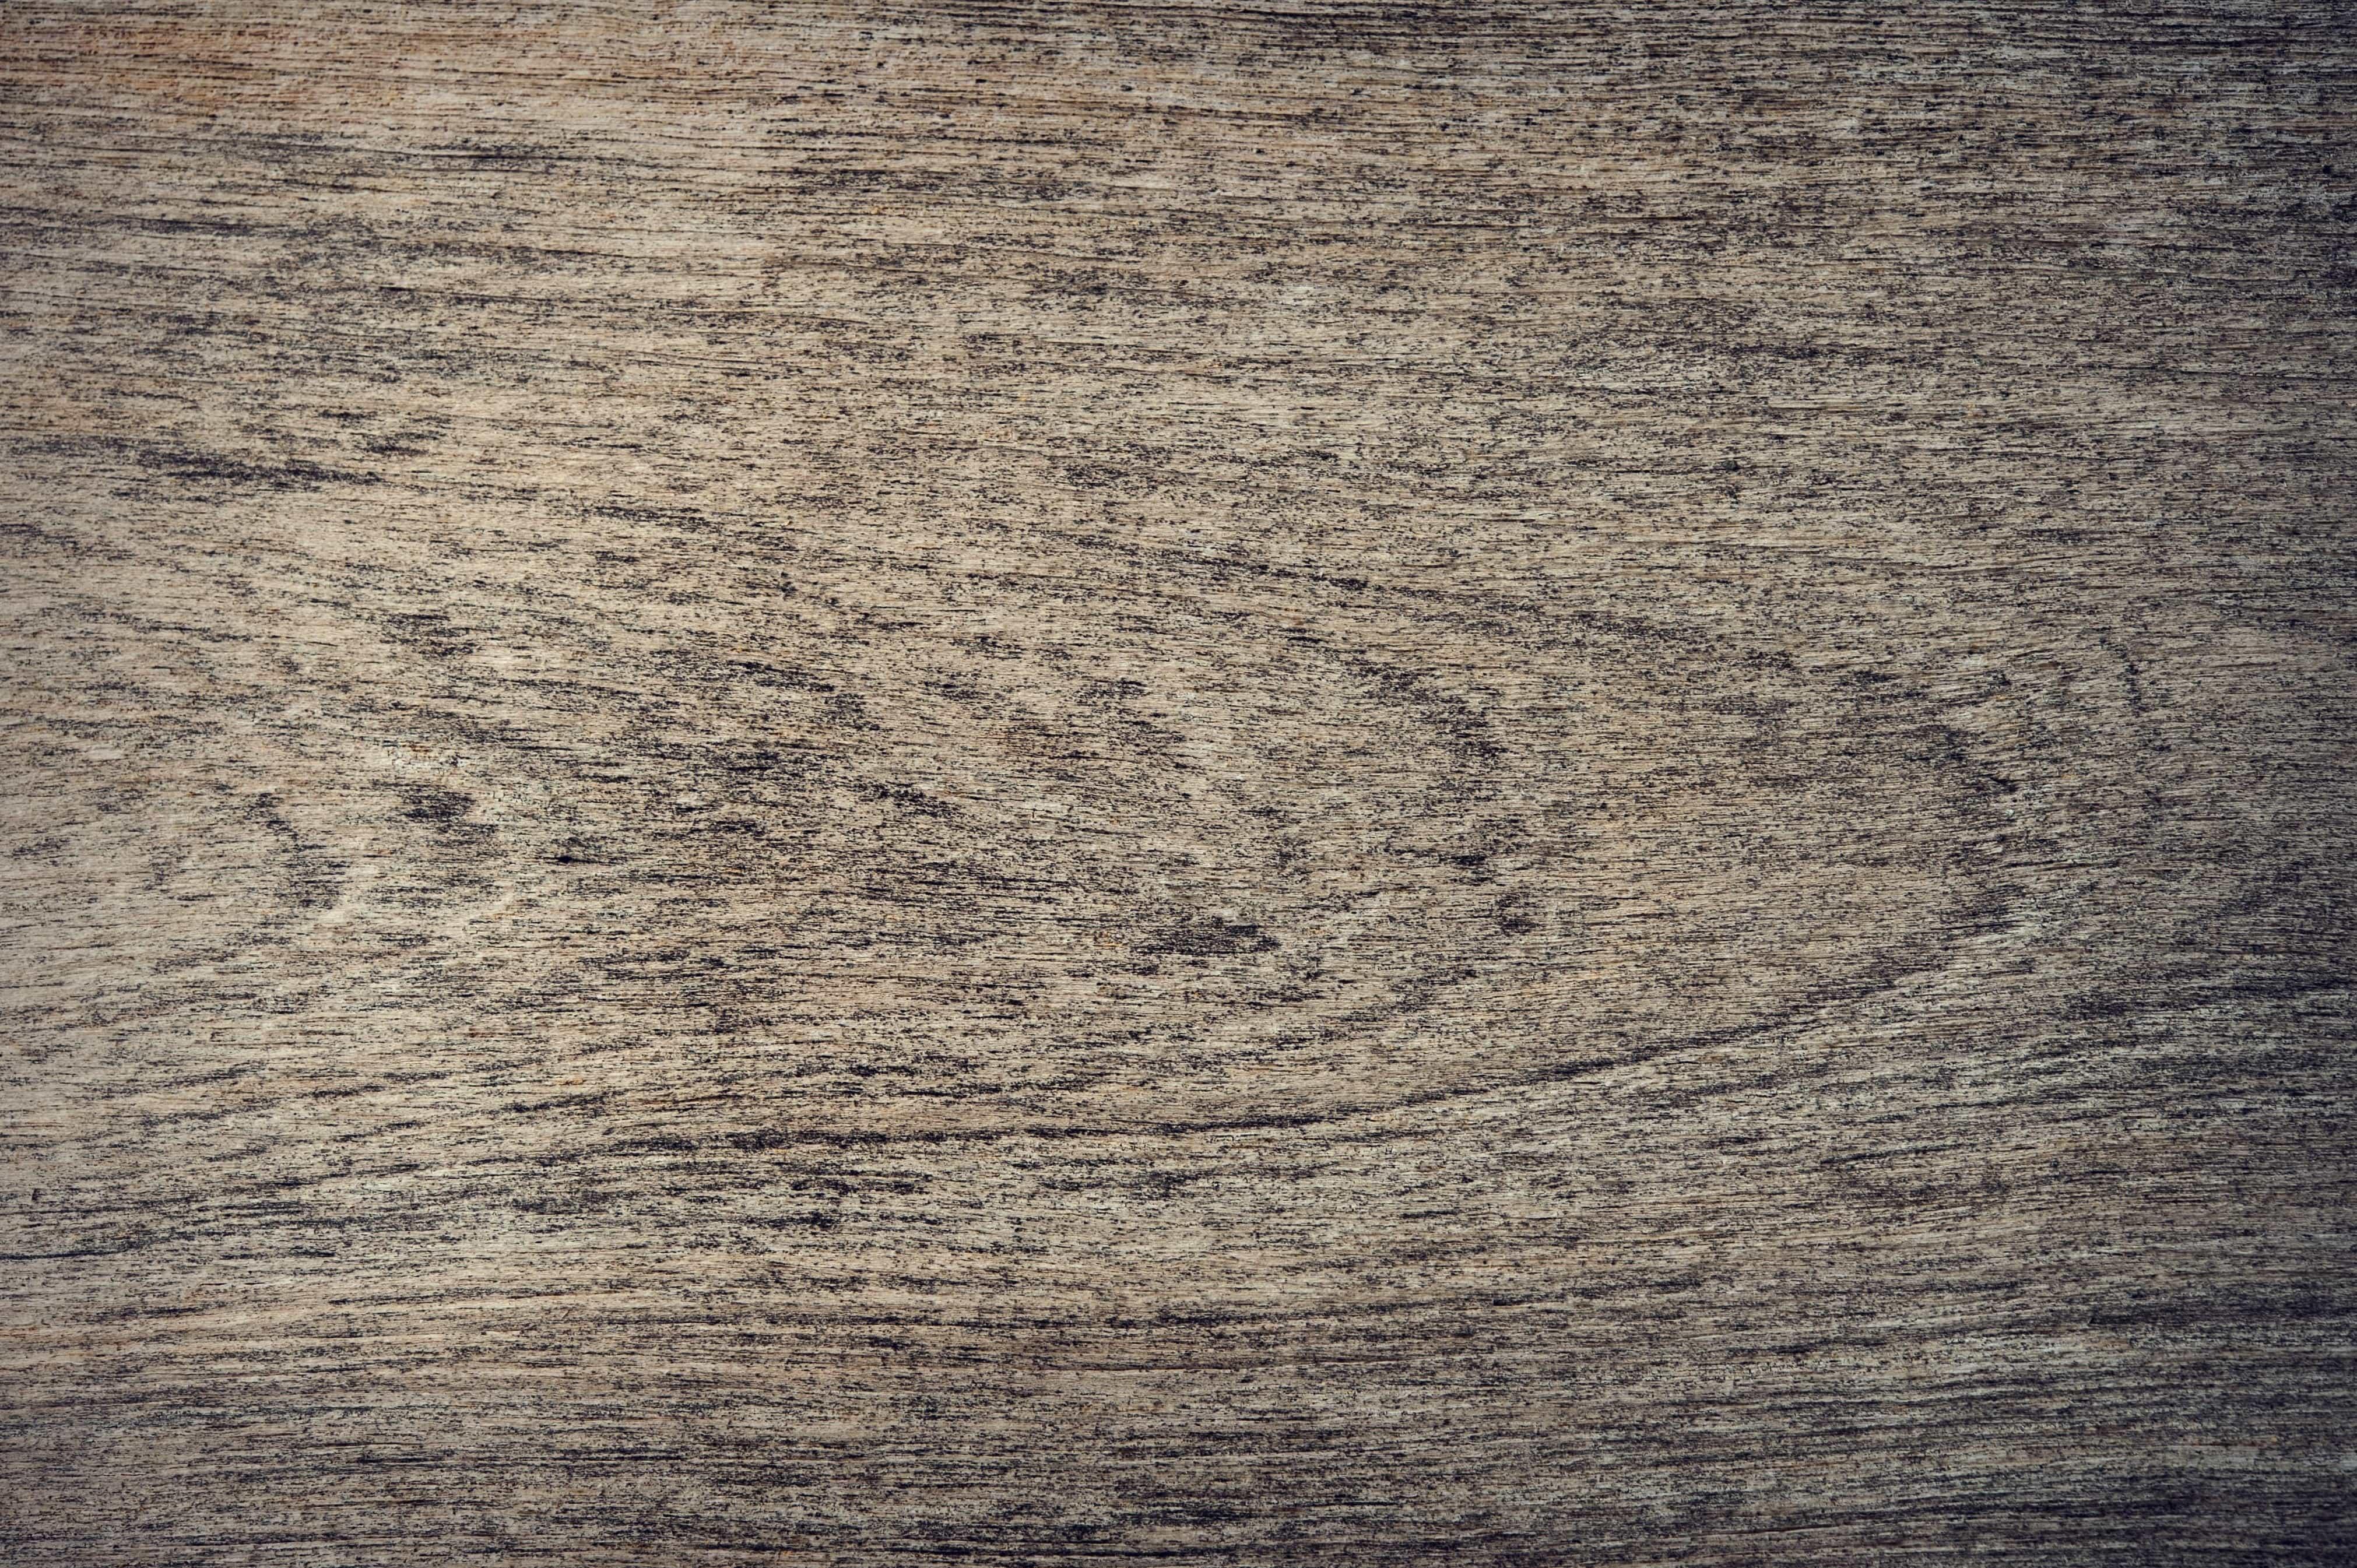 image libre conception abstraite motif texture bois rugueux. Black Bedroom Furniture Sets. Home Design Ideas